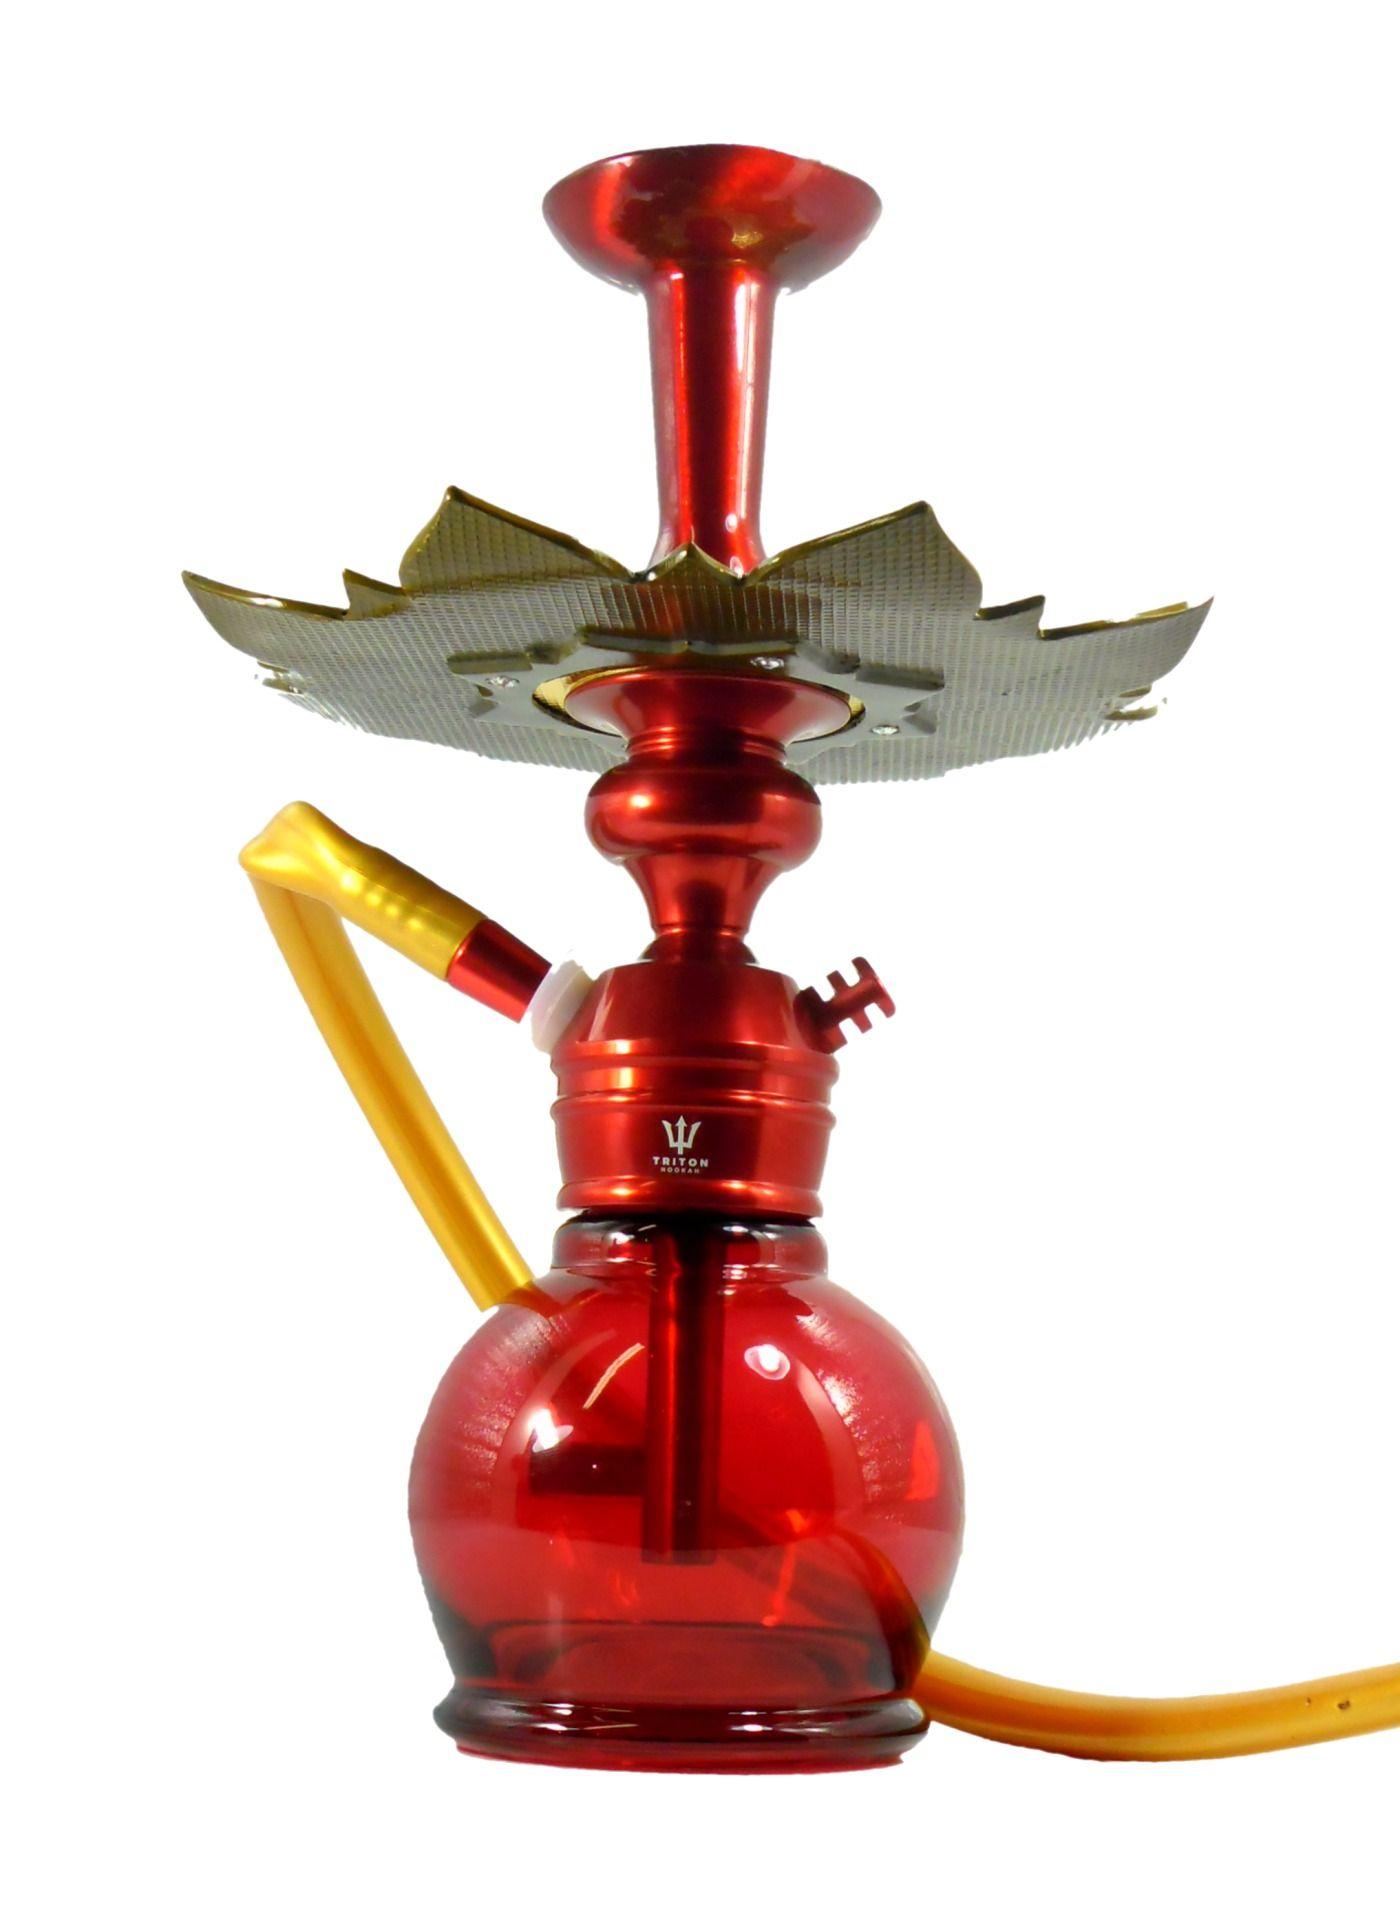 SETUP COMPLETO VERMELHO:Narguile TRITON ZIP mangueira antichamas c/ piteira, vaso vermelho, rosh alumínio, Prato Athenas